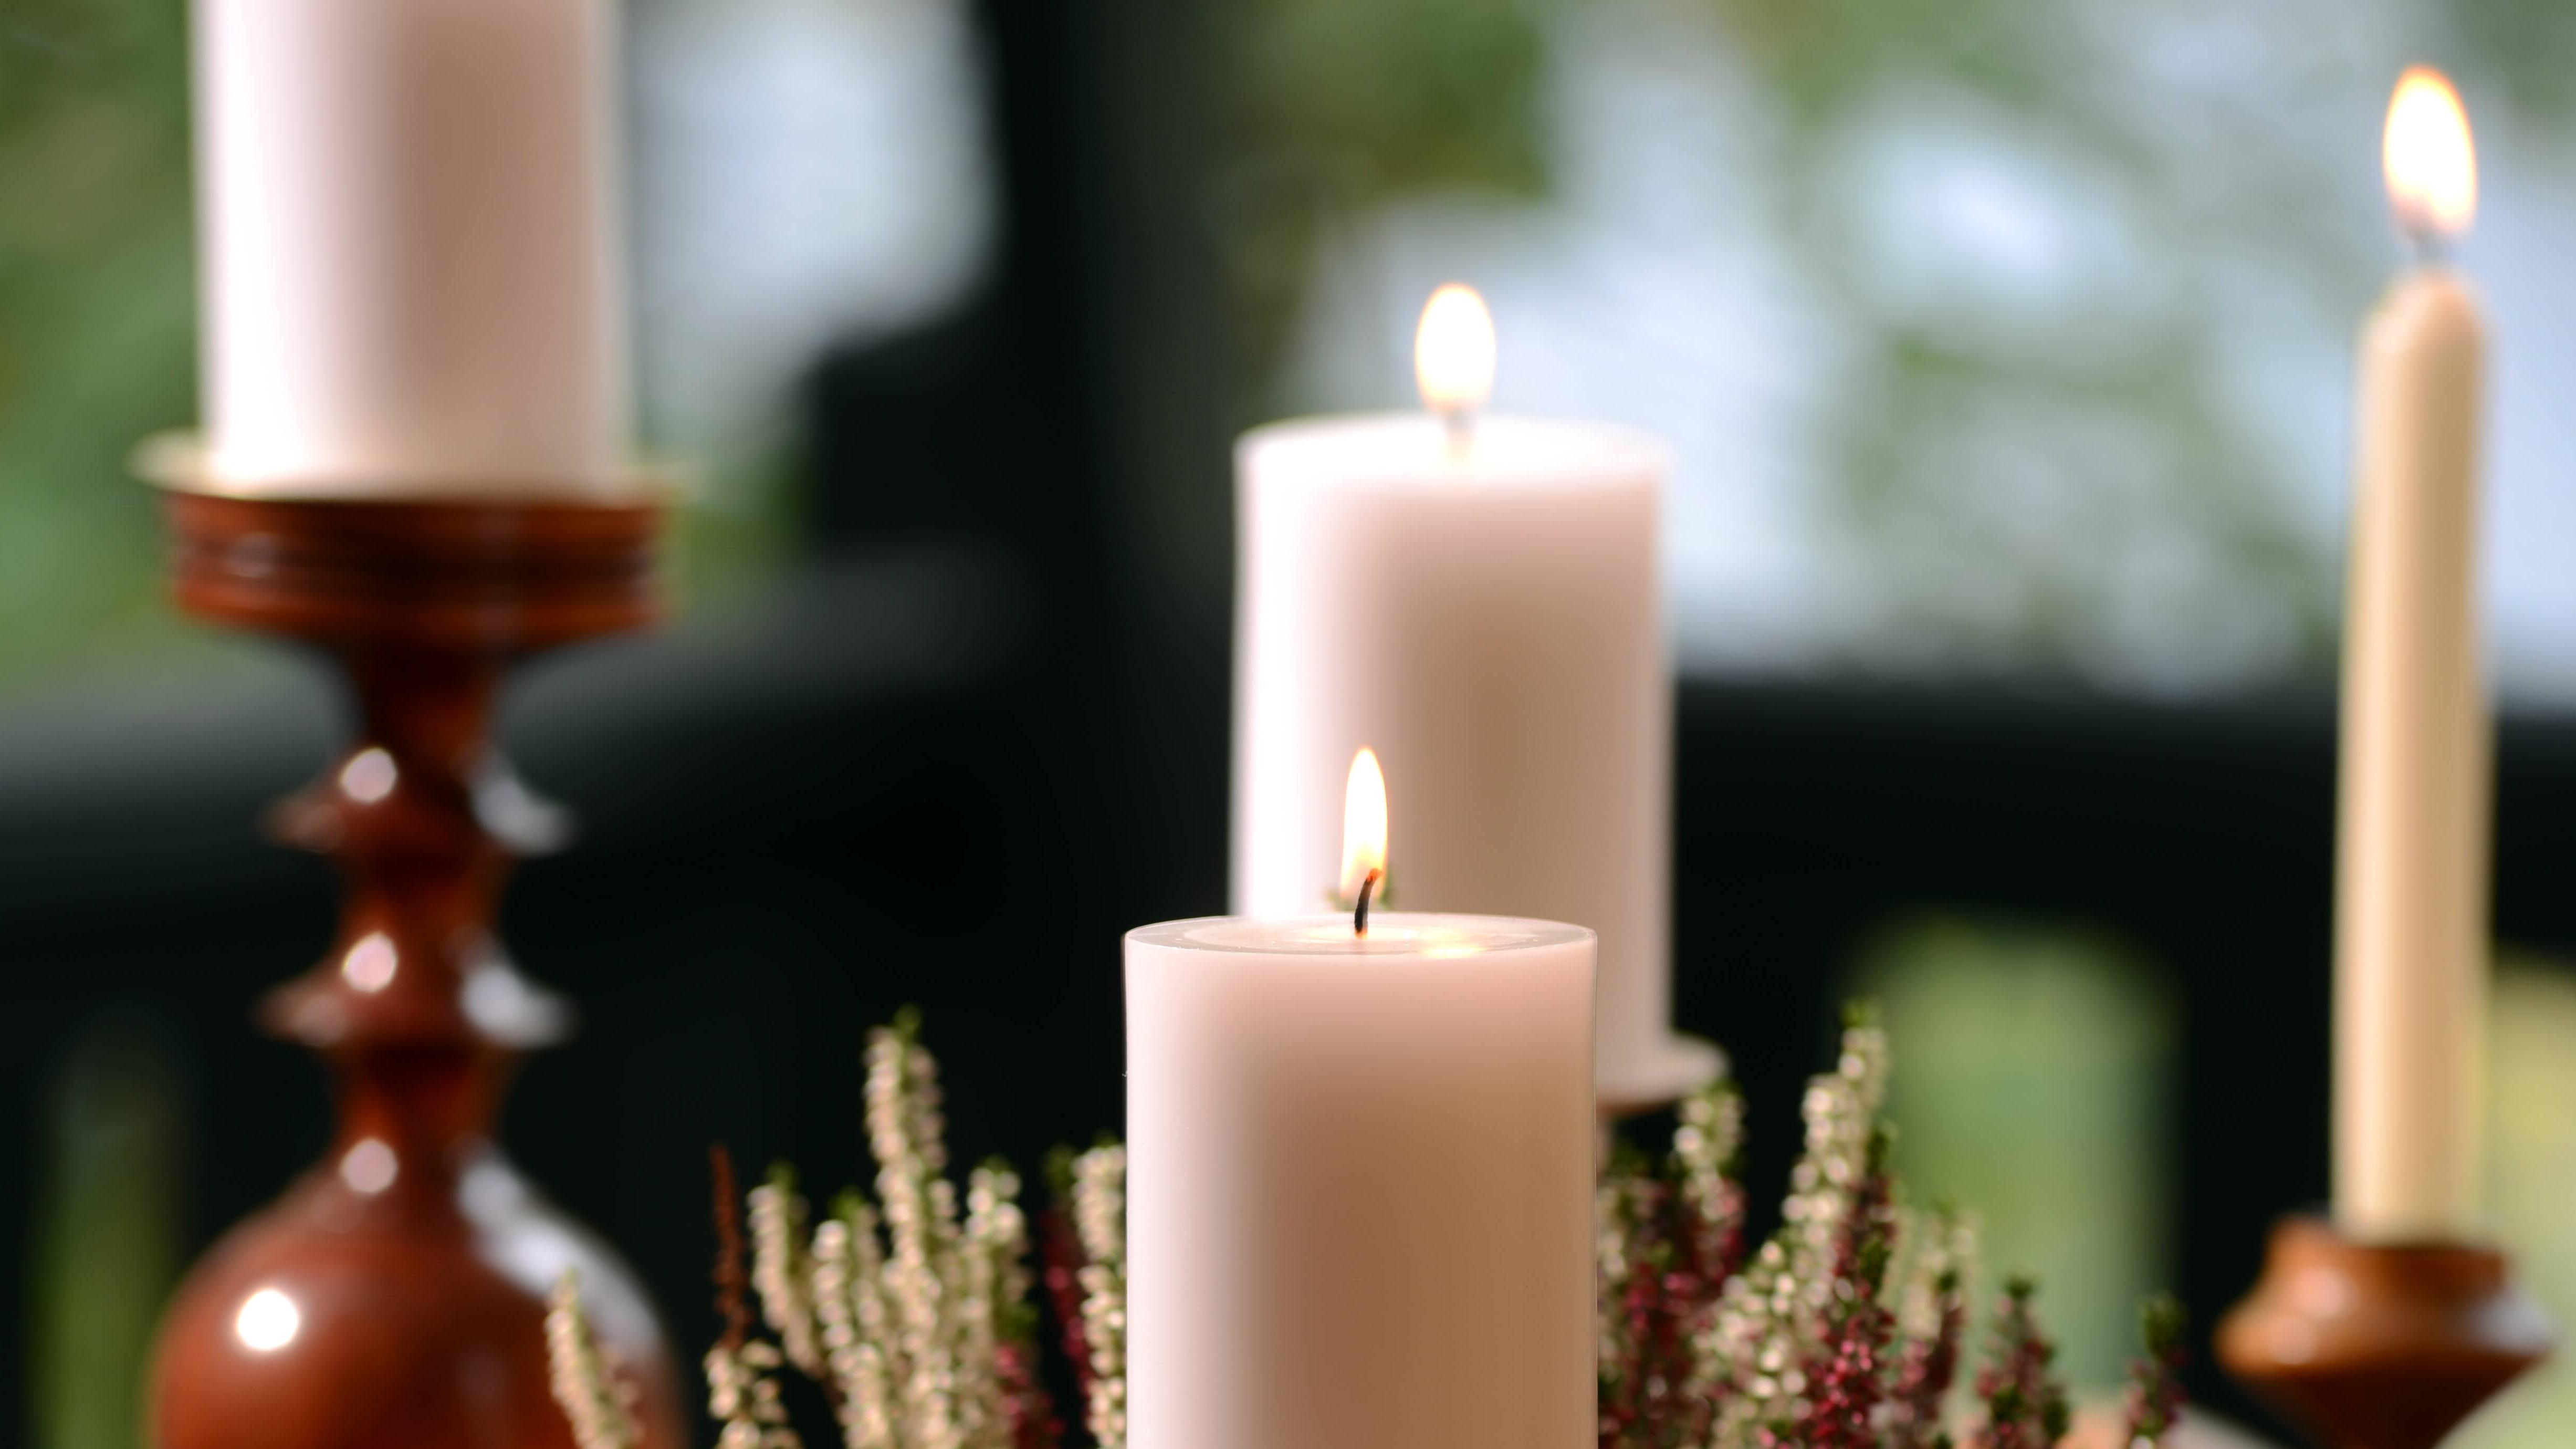 Kerzenreste einschmelzen: So machen Sie es richtig